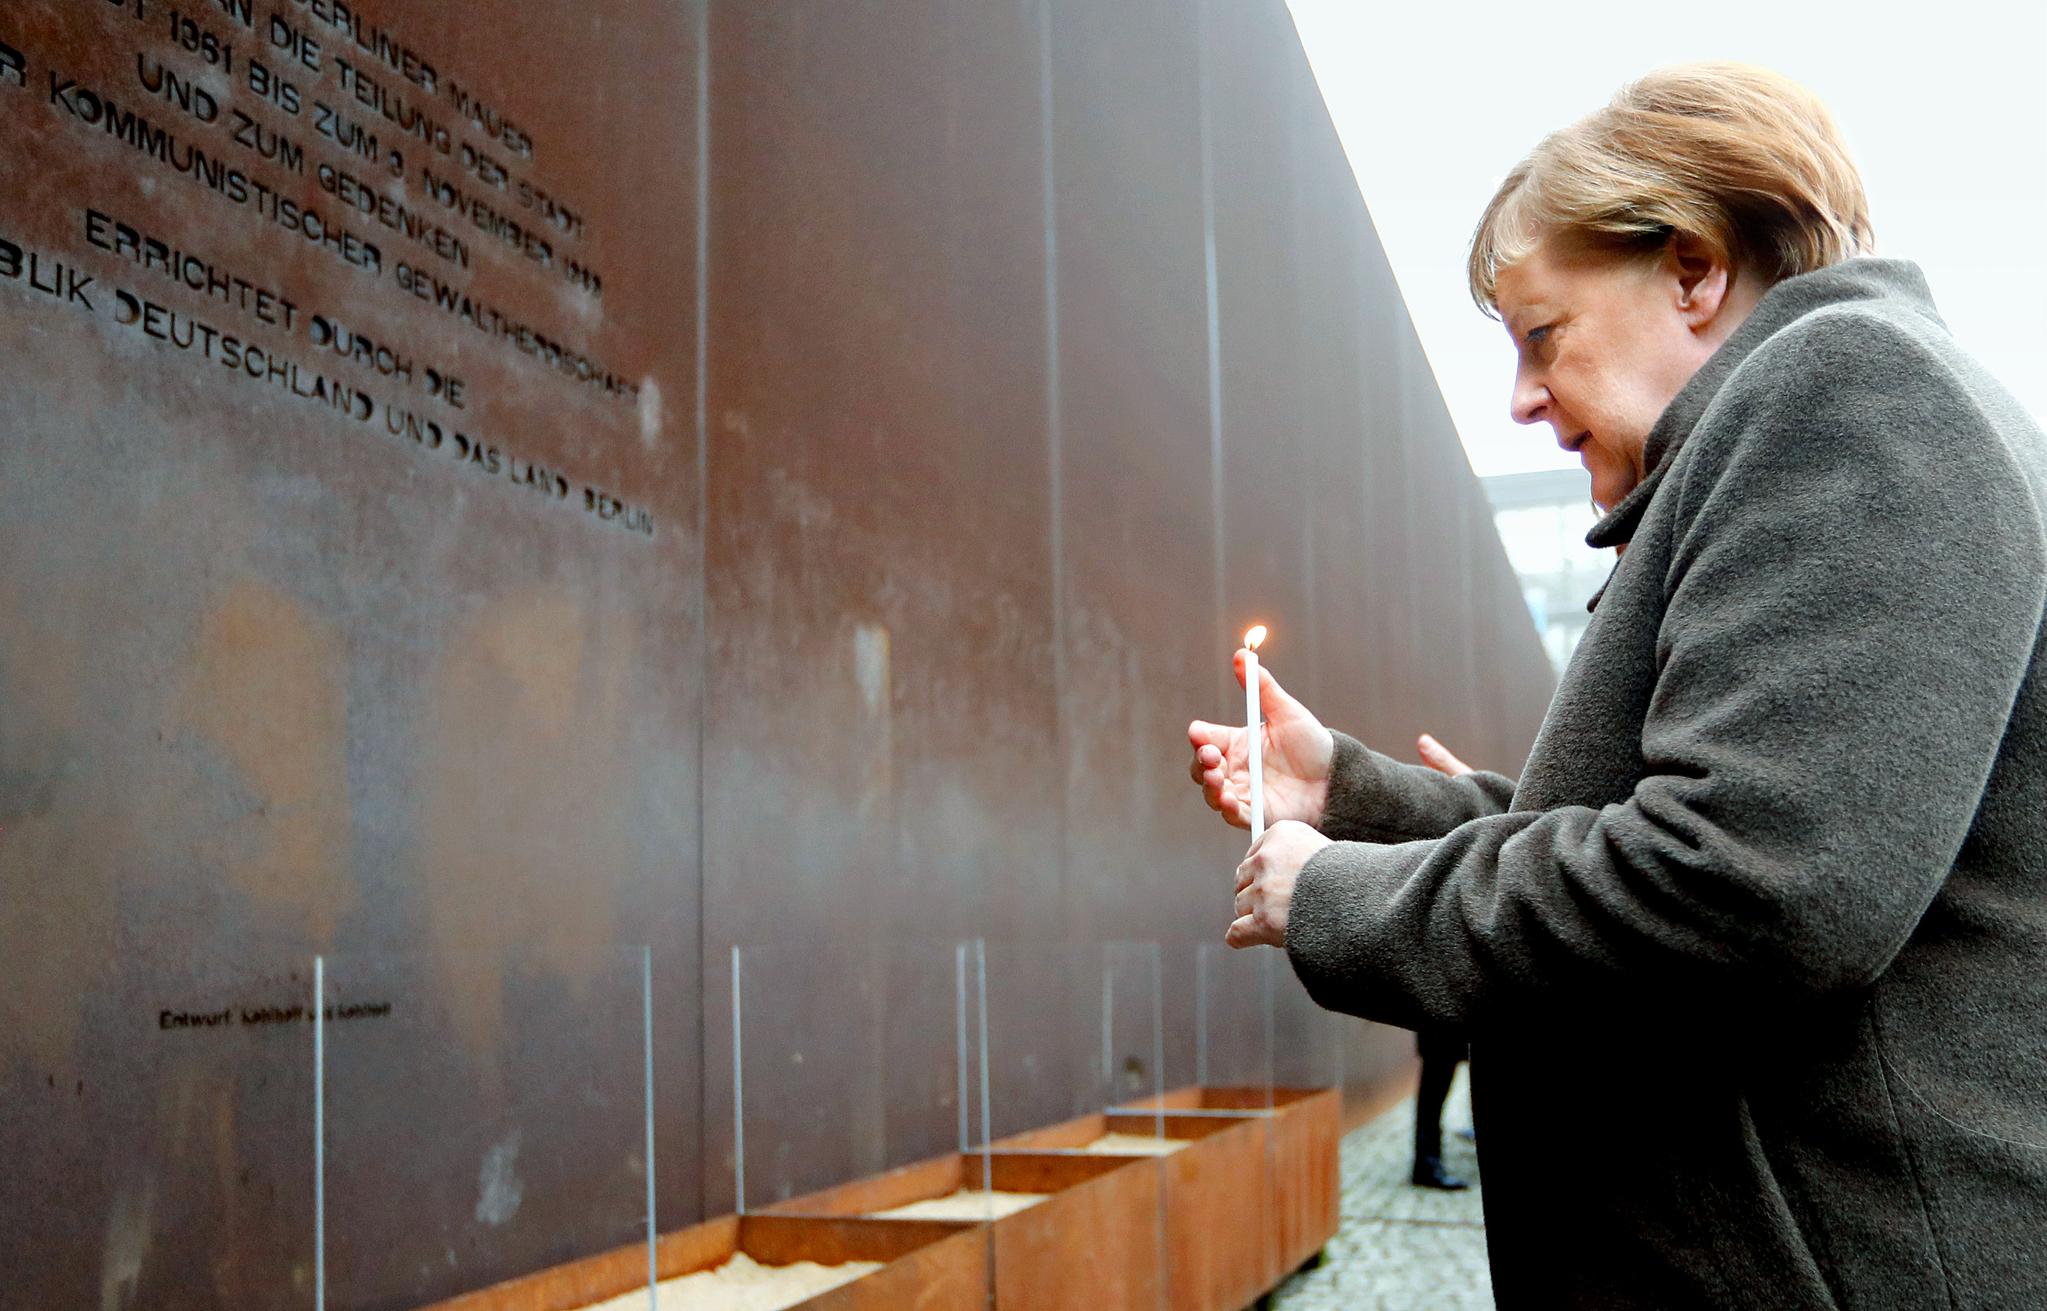 앙겔라 메르켈 독일 총리가 지난달 9일(현지시간) 독일 베를린에서 열린 베를린장벽 붕괴 30주년 기념식에서 촛불을 들고 있다. [AP=연합뉴스]